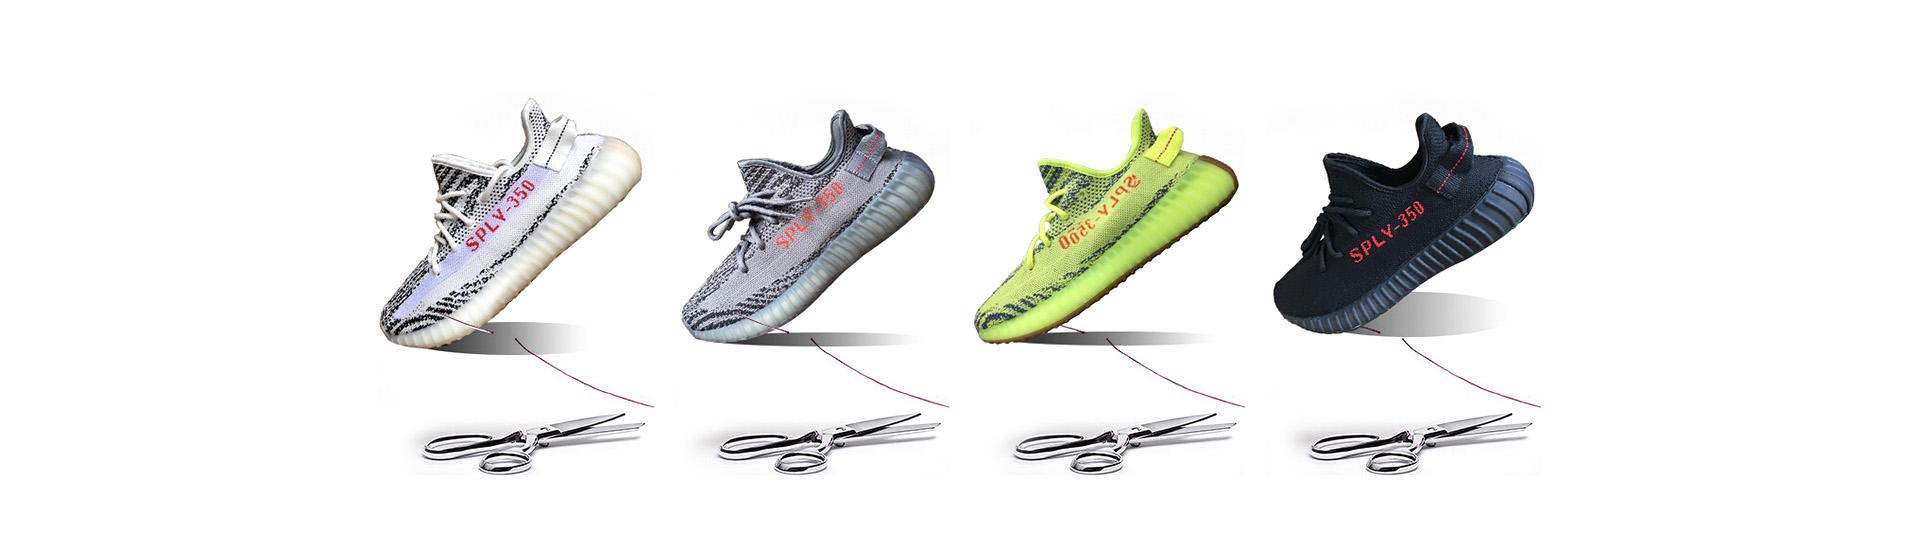 66999c8b1b155 Variété professionnelle de chaussures de sport chaussures  occasionnels.Parbaskets de luxe